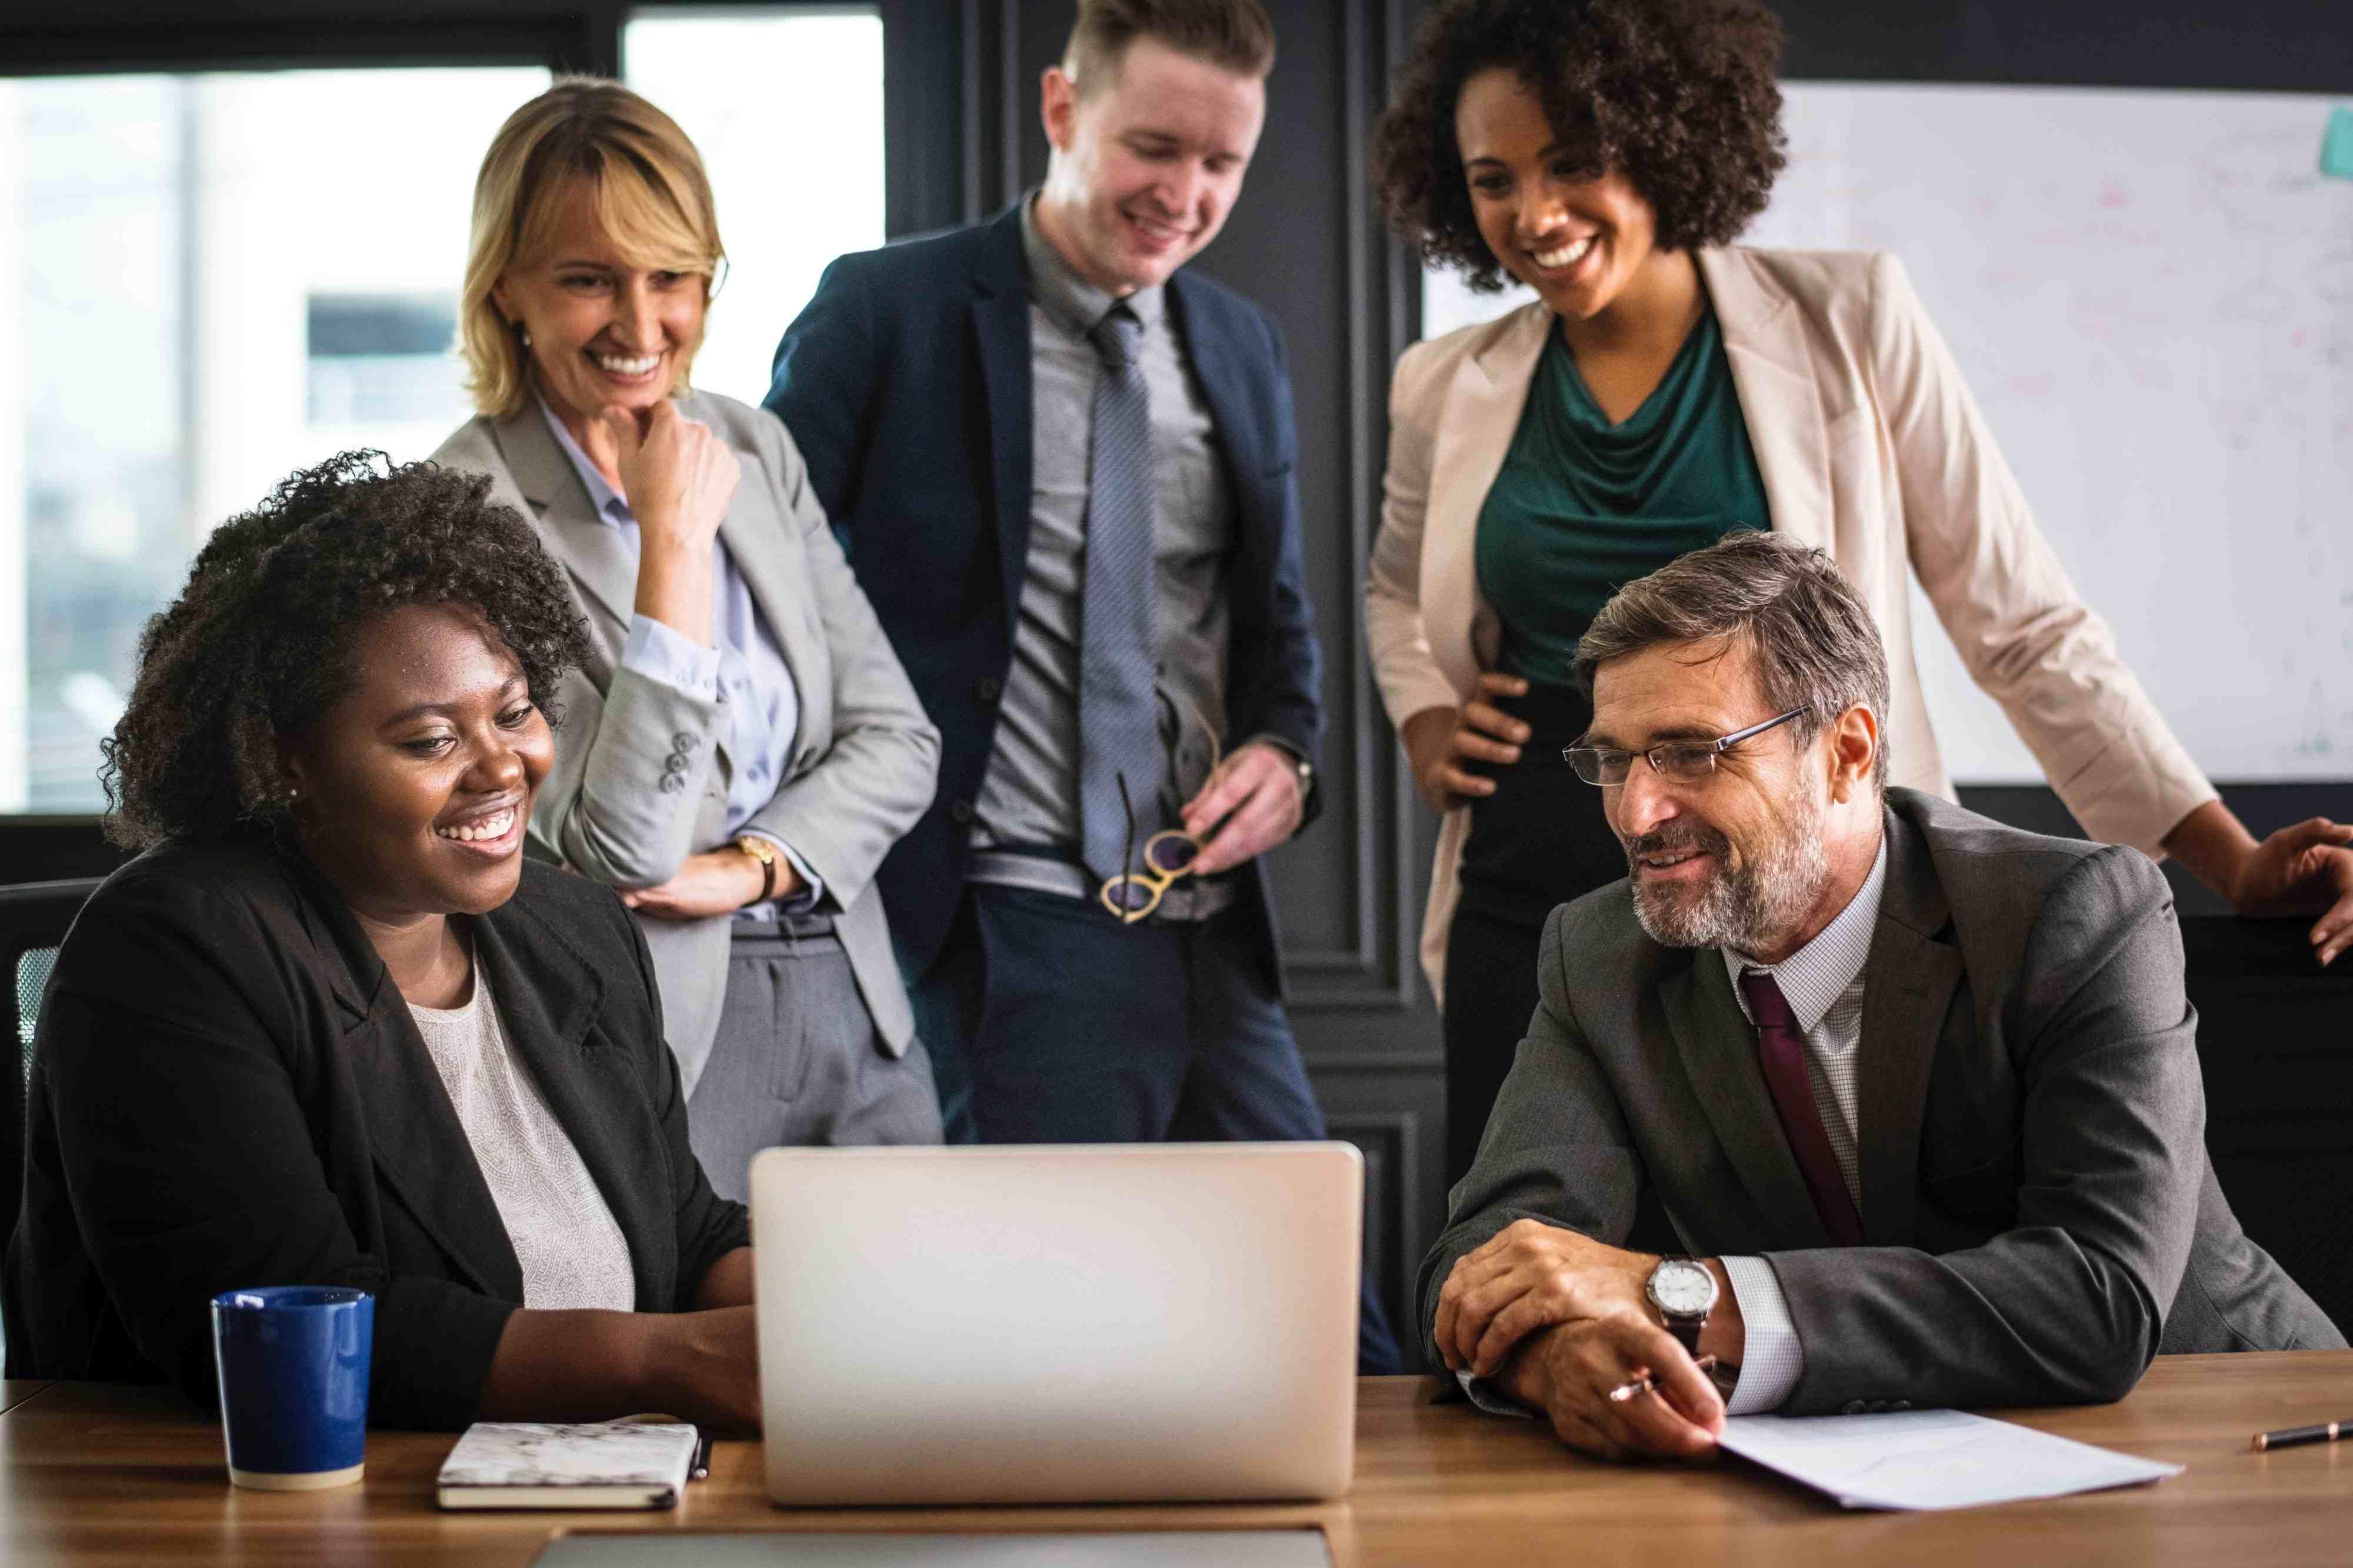 employee morale-equal members